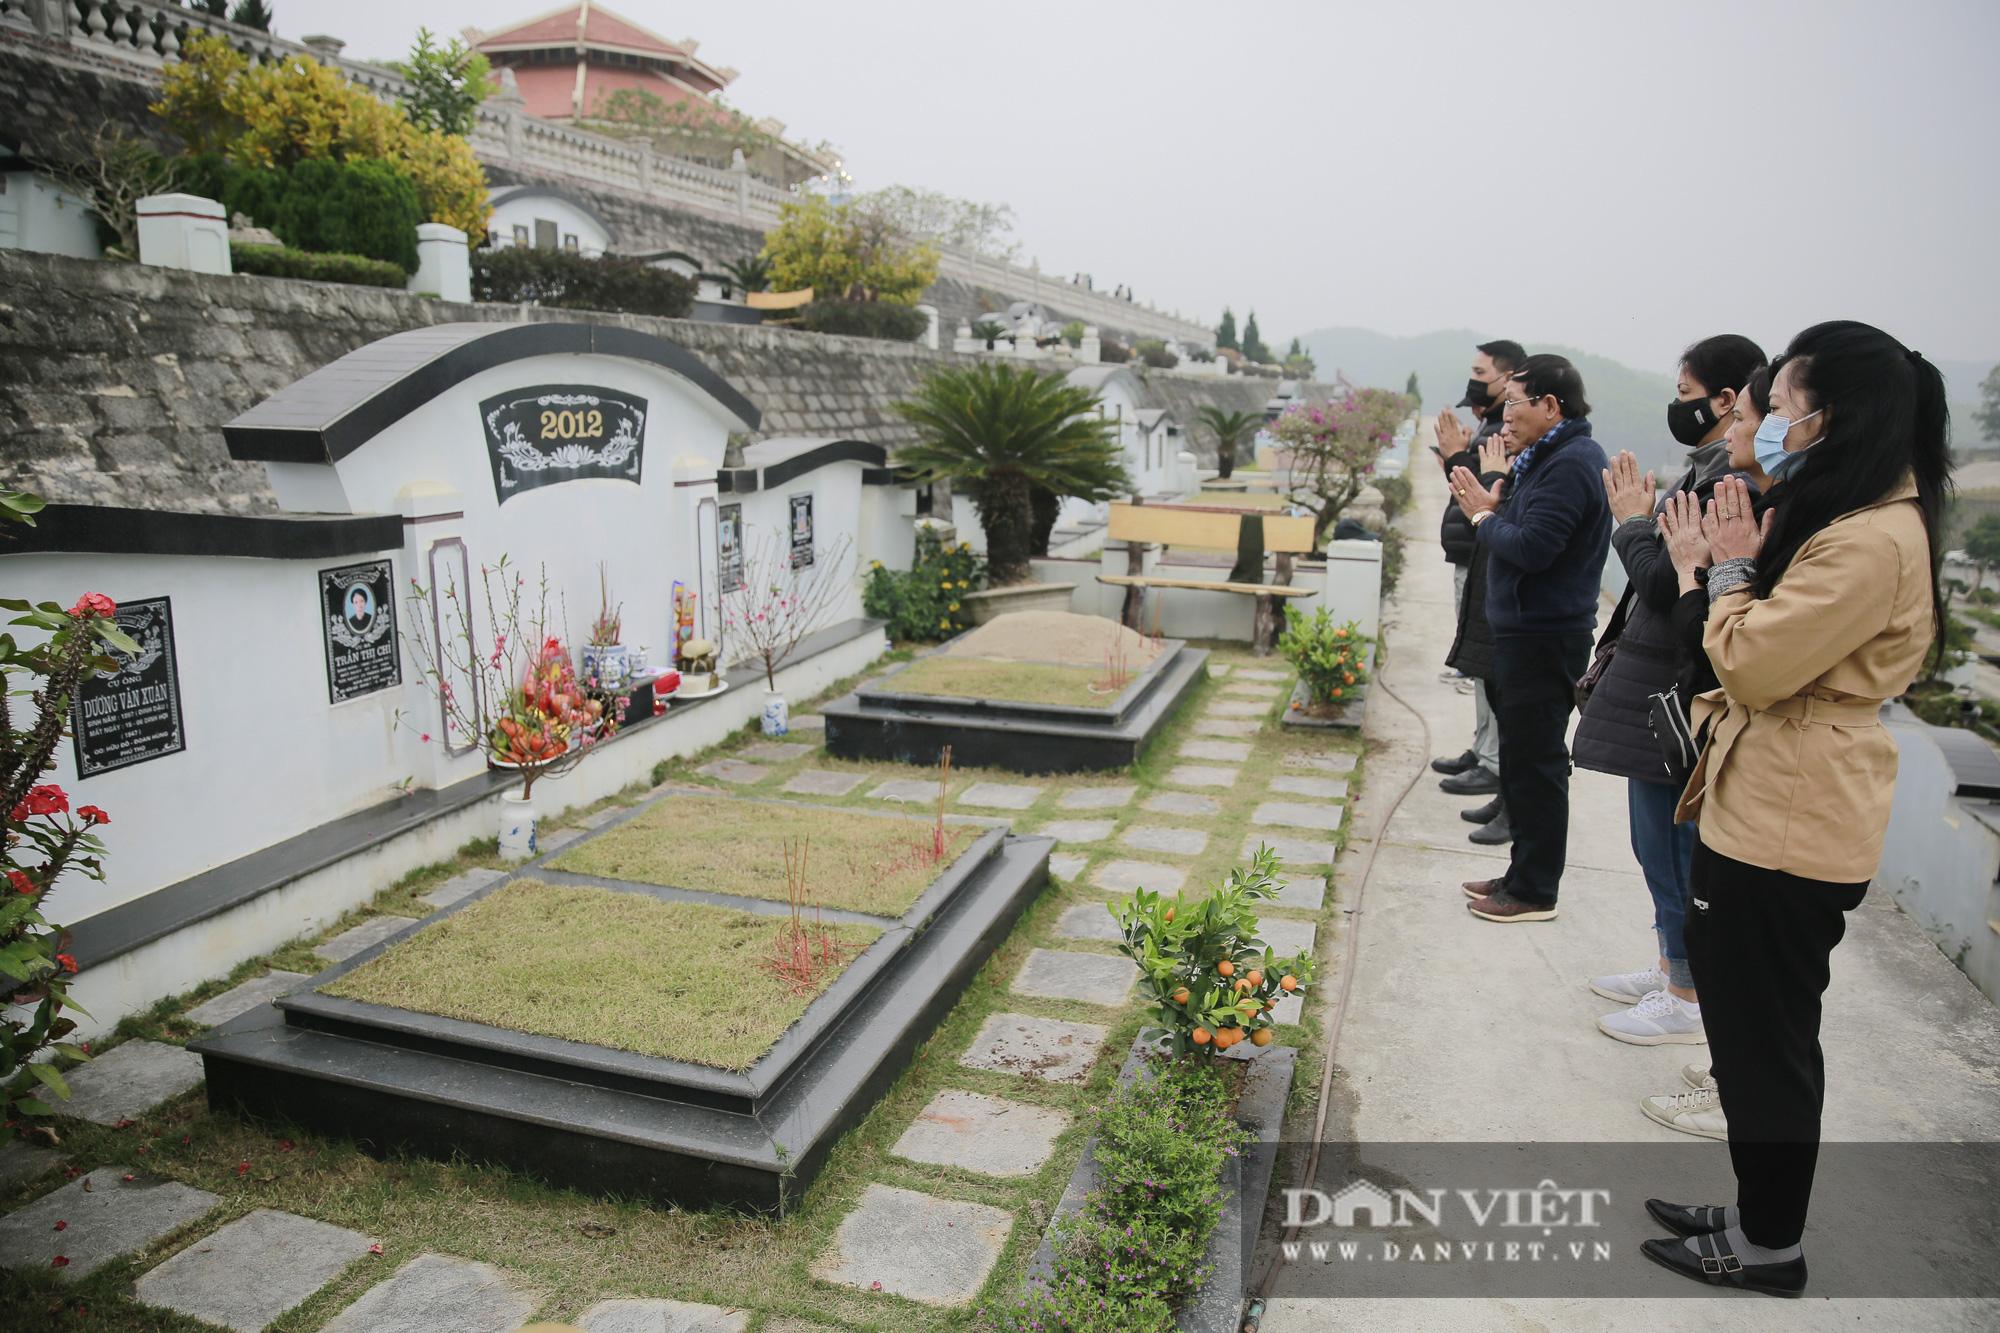 Siêu công viên nghĩa trang 5 sao nhộn nhịp những ngày cận Tết Nguyên đán - Ảnh 12.